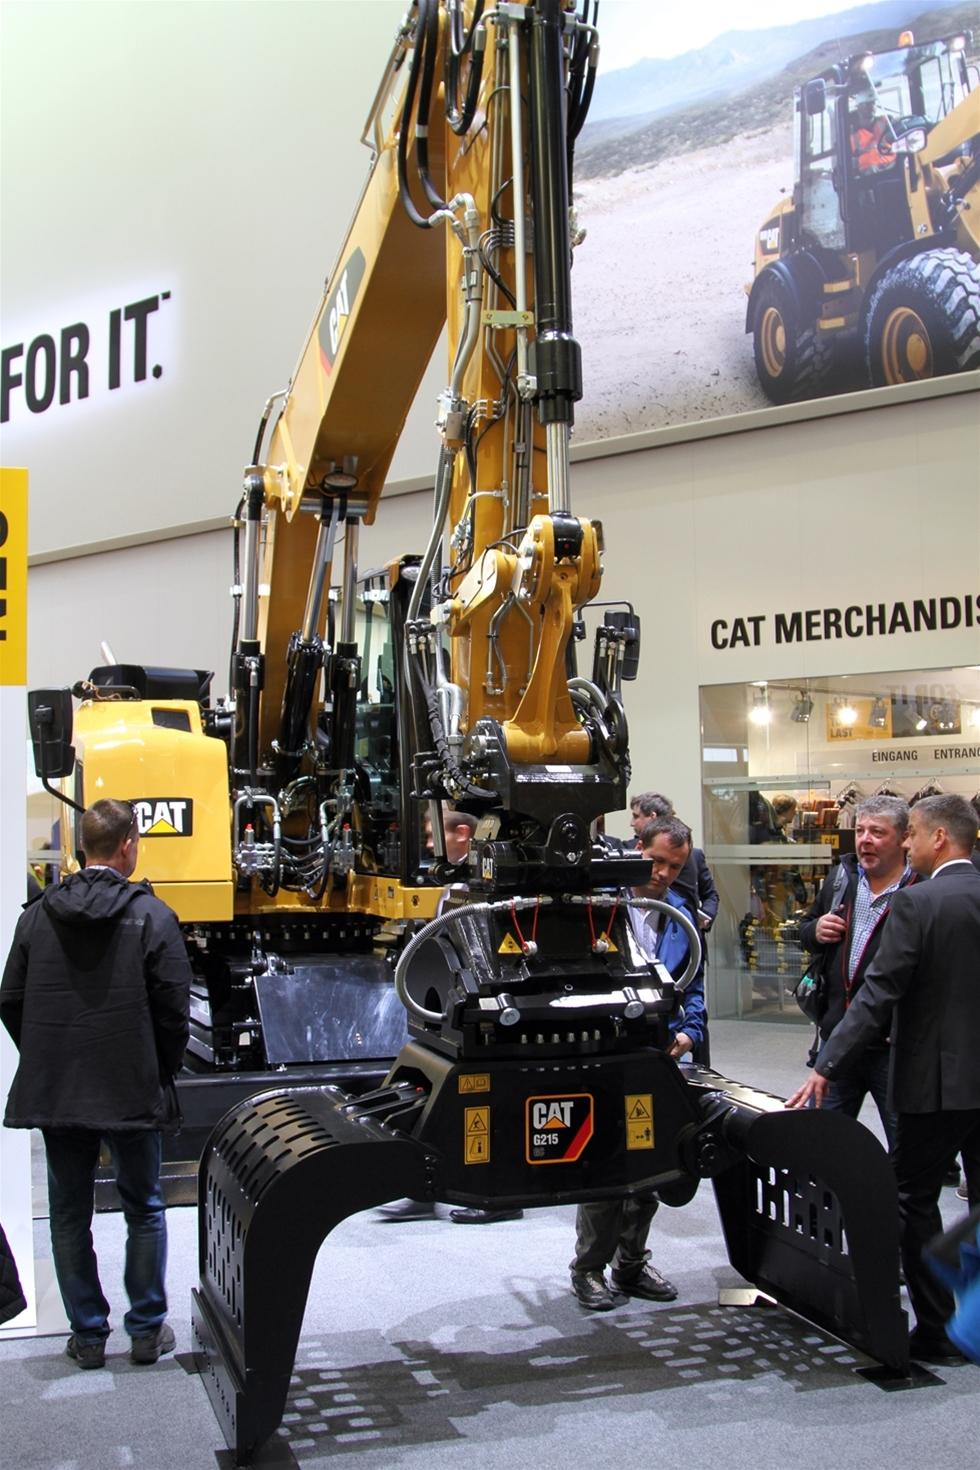 Det globala intresset för tiltrotatorer fortsätter att växa. I många år har grävmaskinstillverkare litat på Rototilt som partner och utrustat sina maskiner med tiltrotatorer. Till senhösten tar Caterpillar det till en ny nivå i Europa och erbjuder en helt integrerad lösning med tiltrotatorer för hjulgrävare i segmentet 12-24 ton.